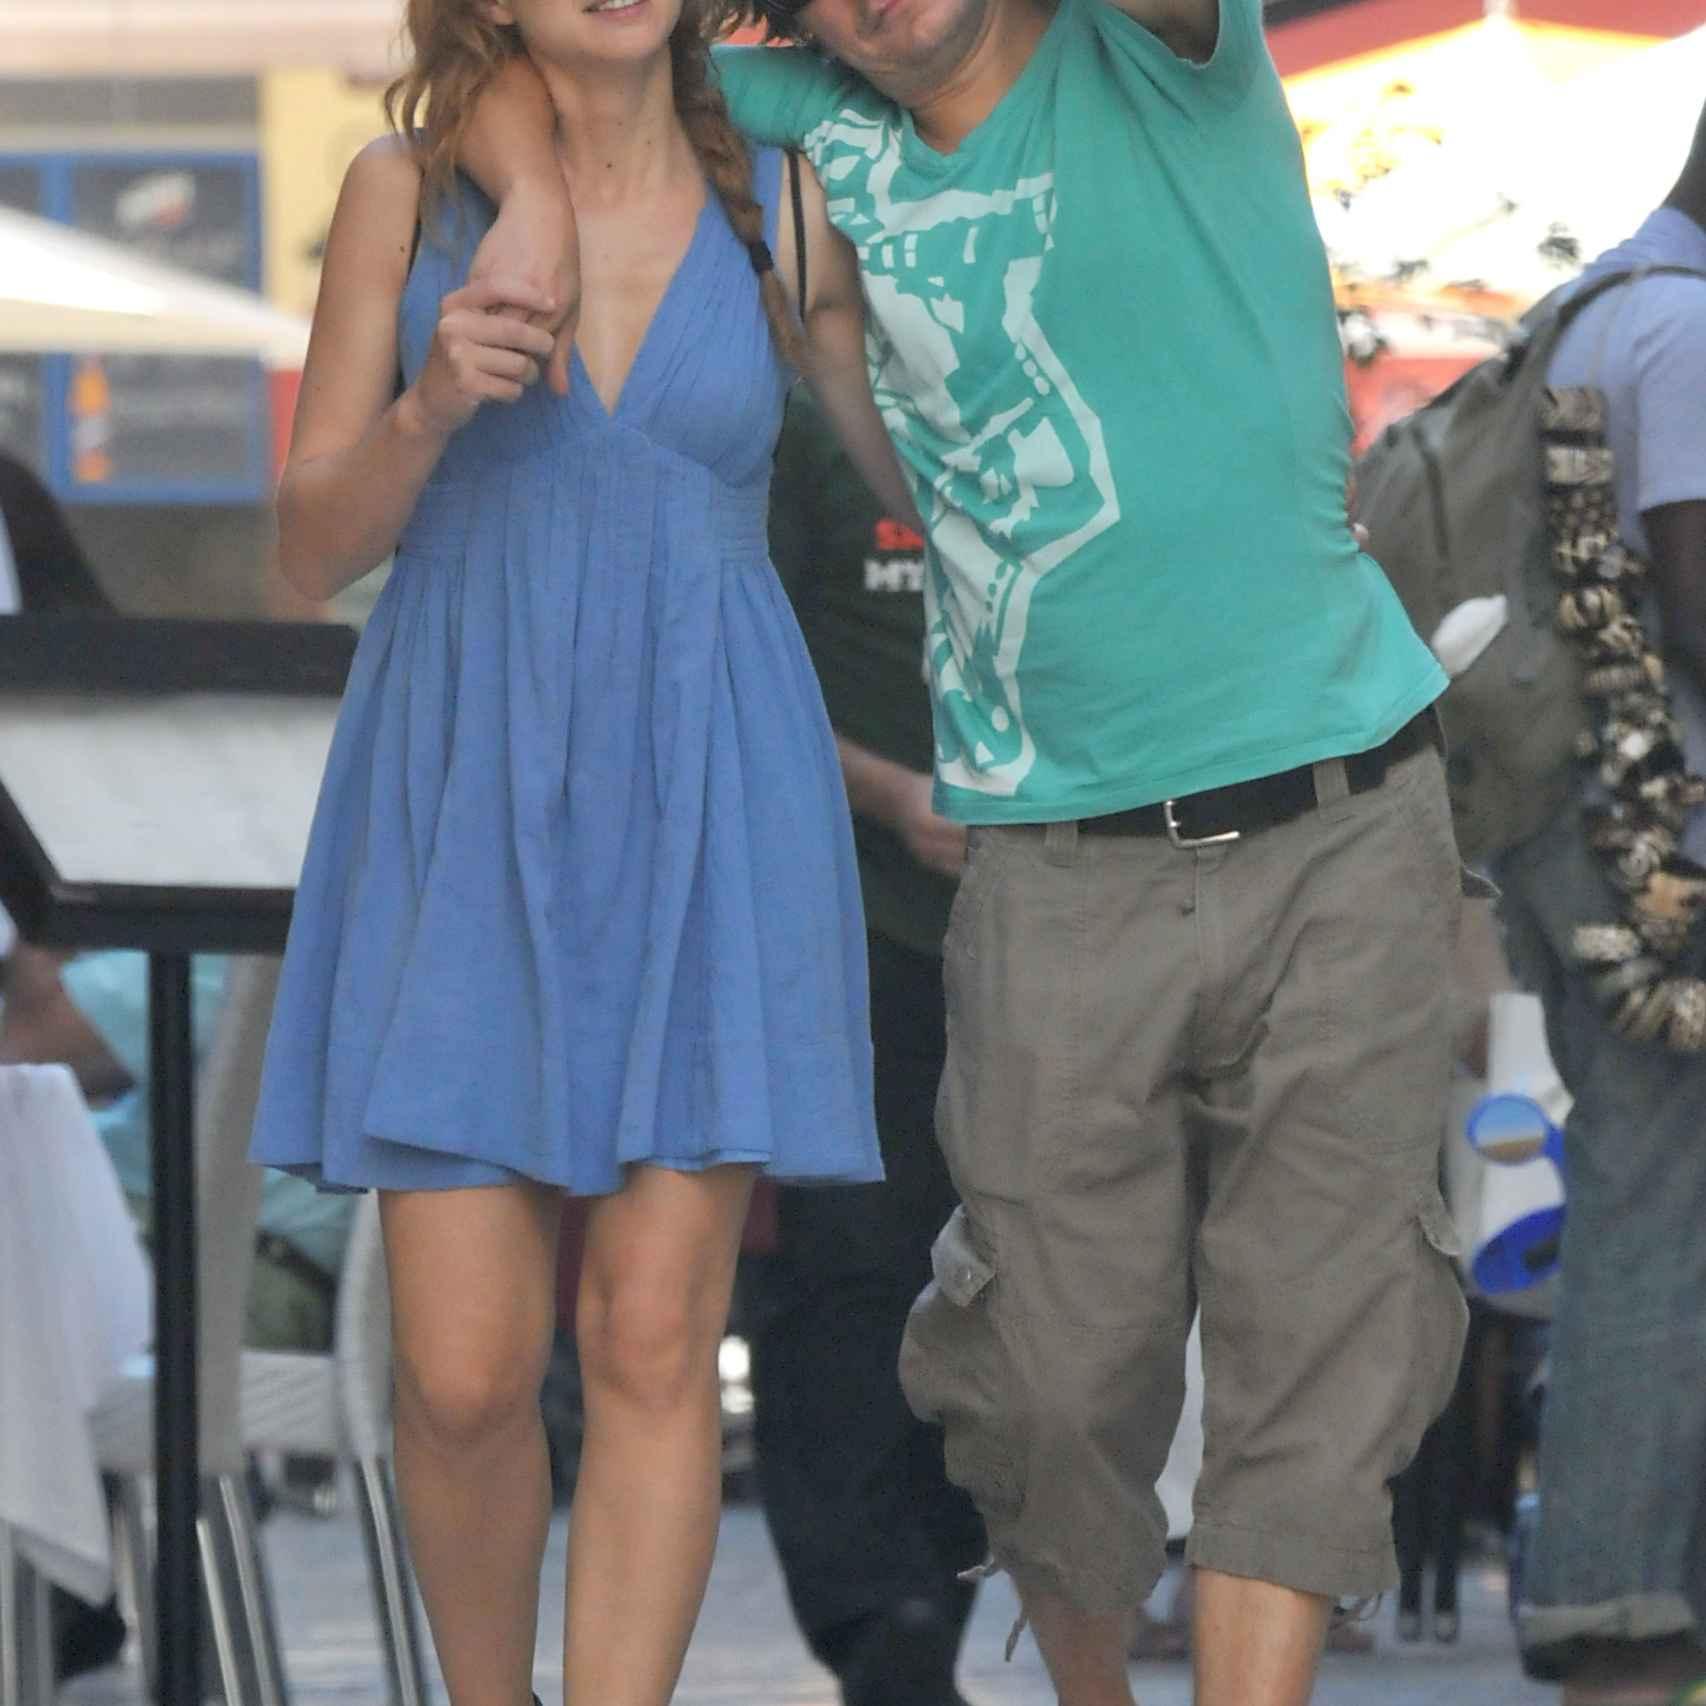 La pareja muy acaramelada por las calles de la ciudad.